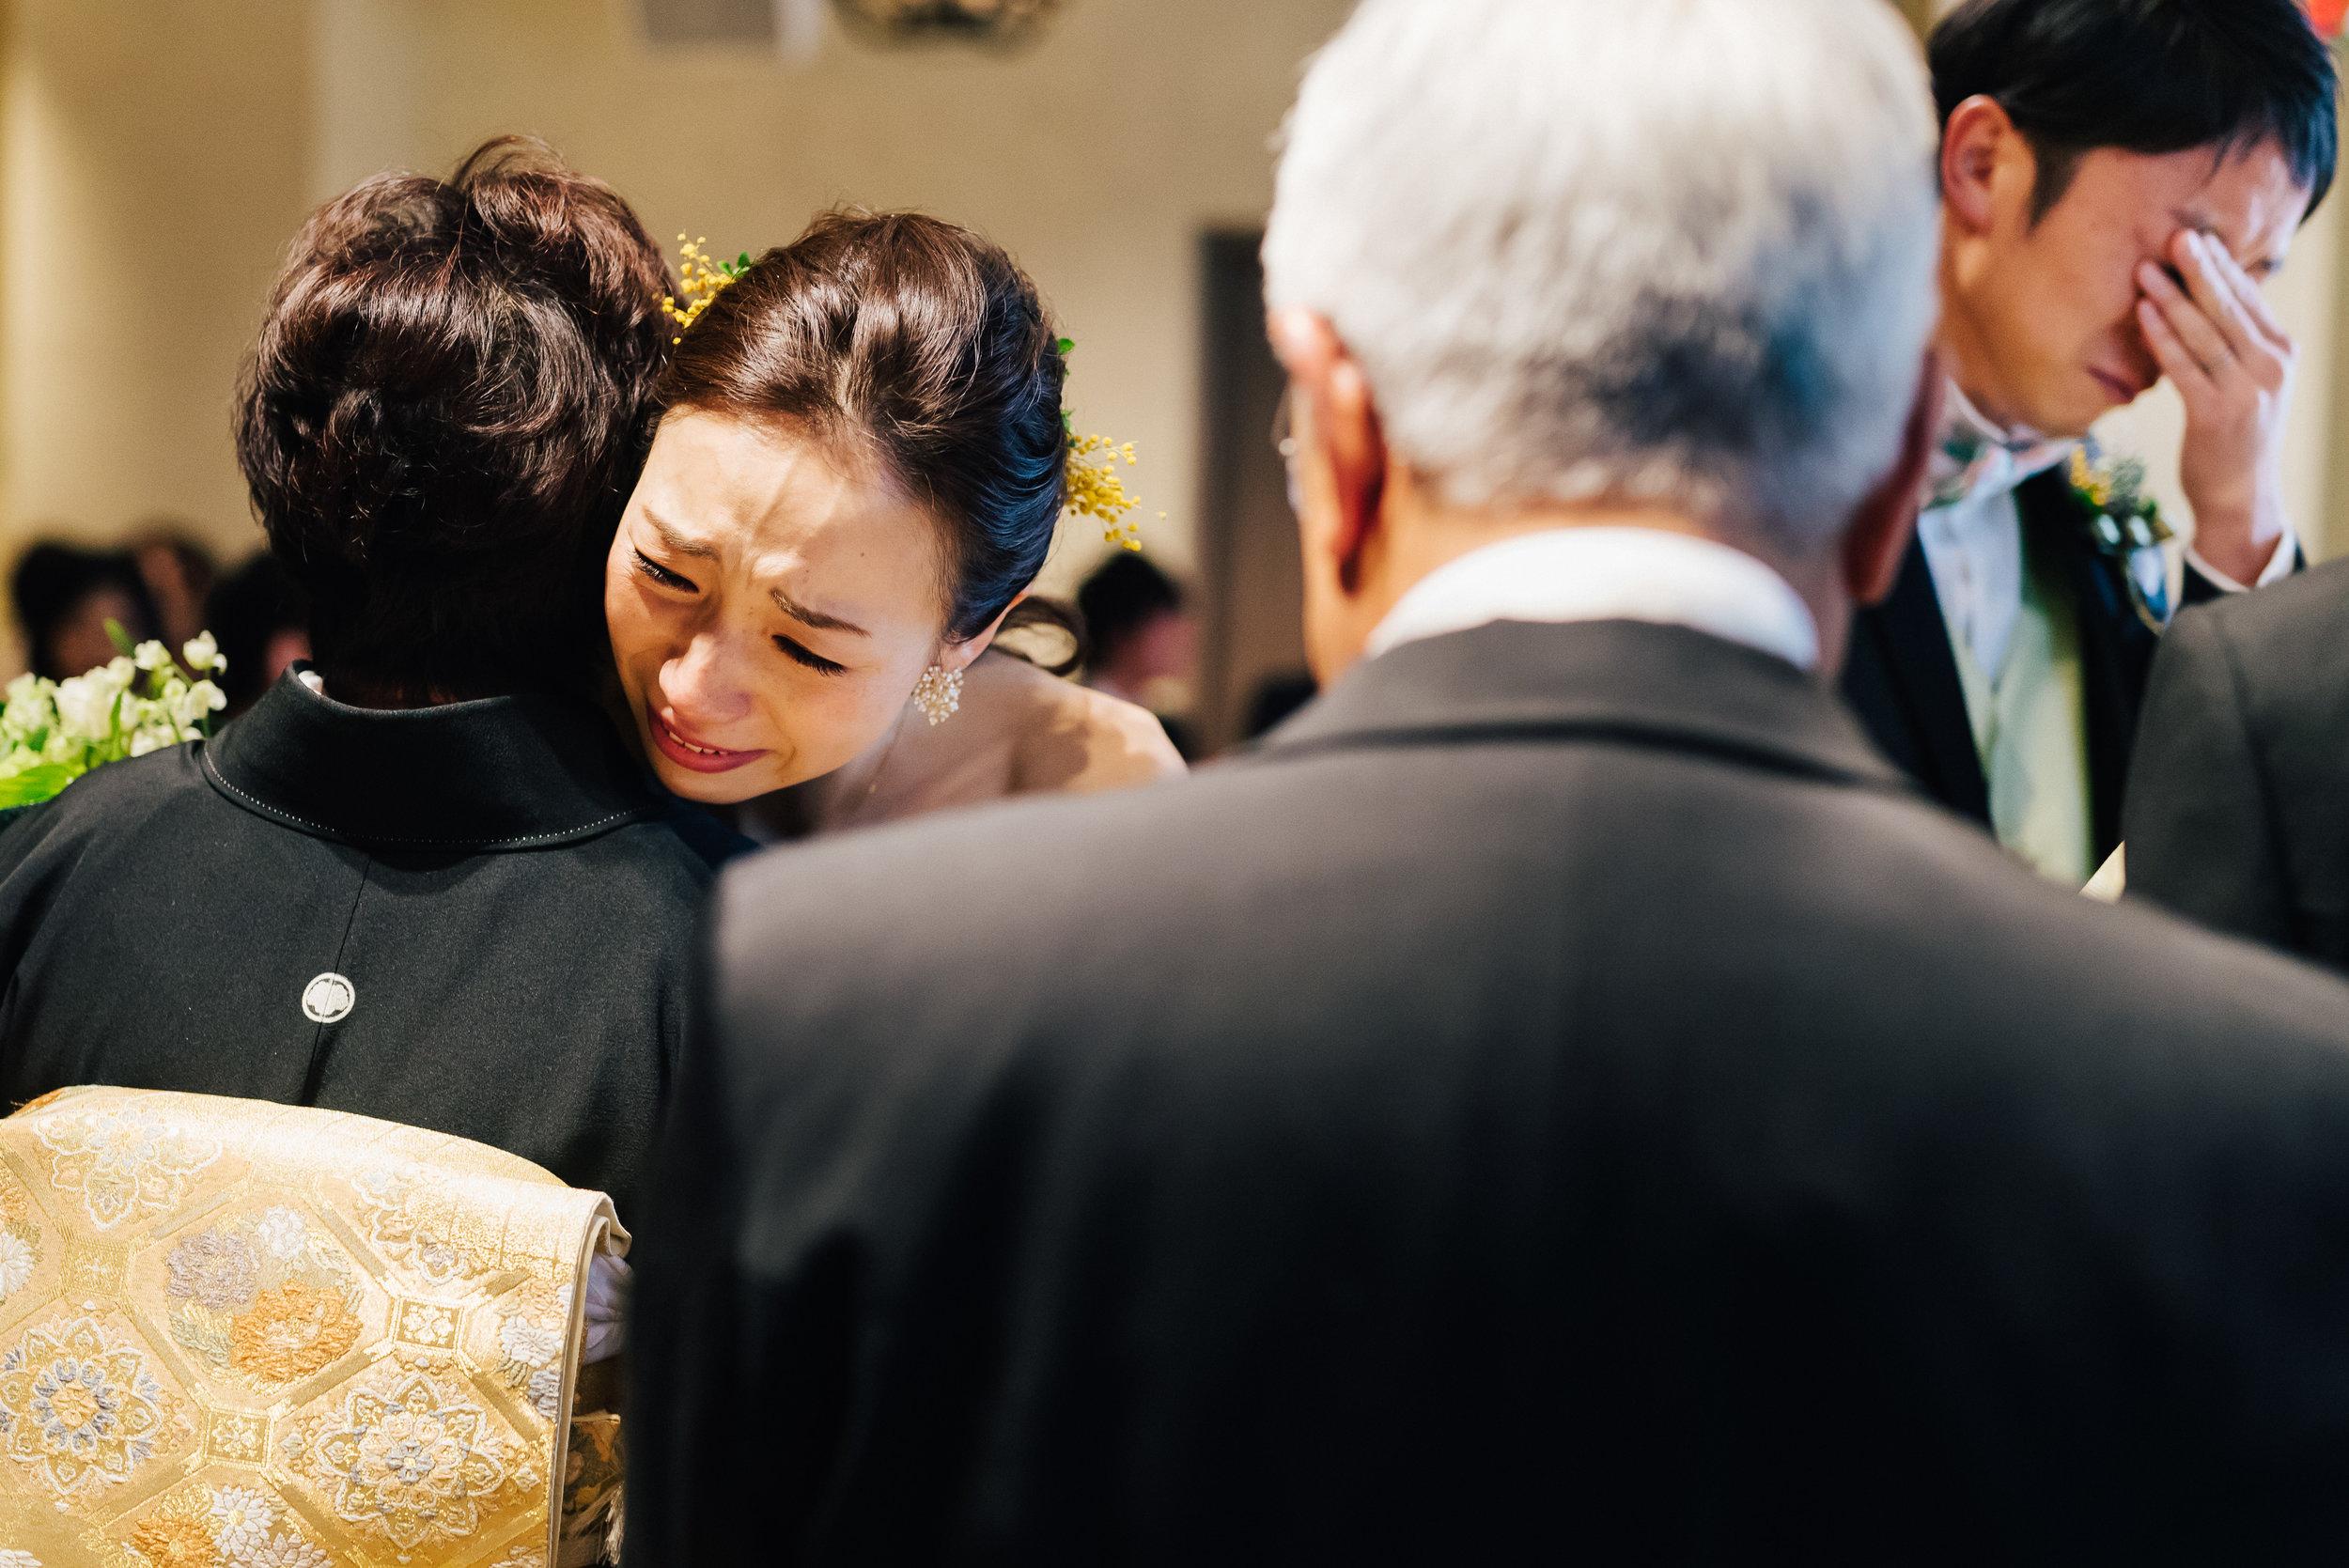 ルリエ ラシックアンジュール 結婚式撮影0586.jpg